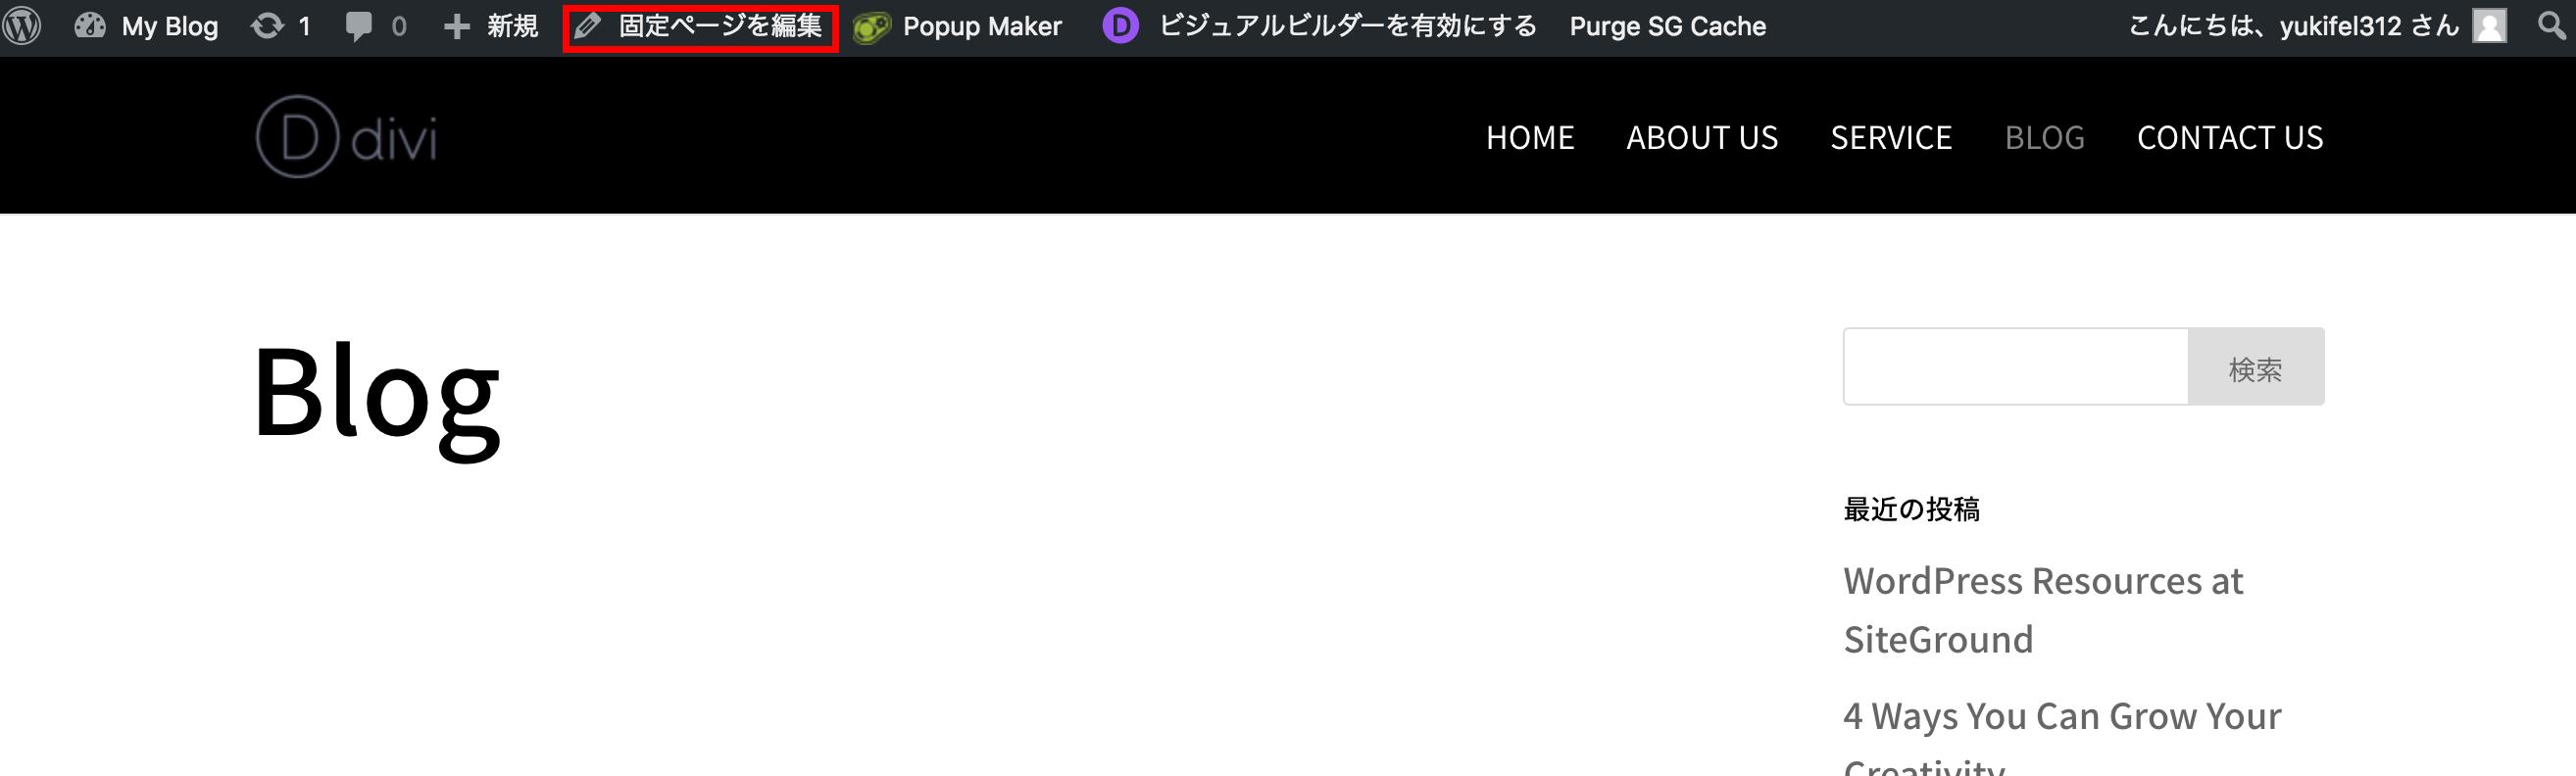 DTS Divi Plugin Screenshot